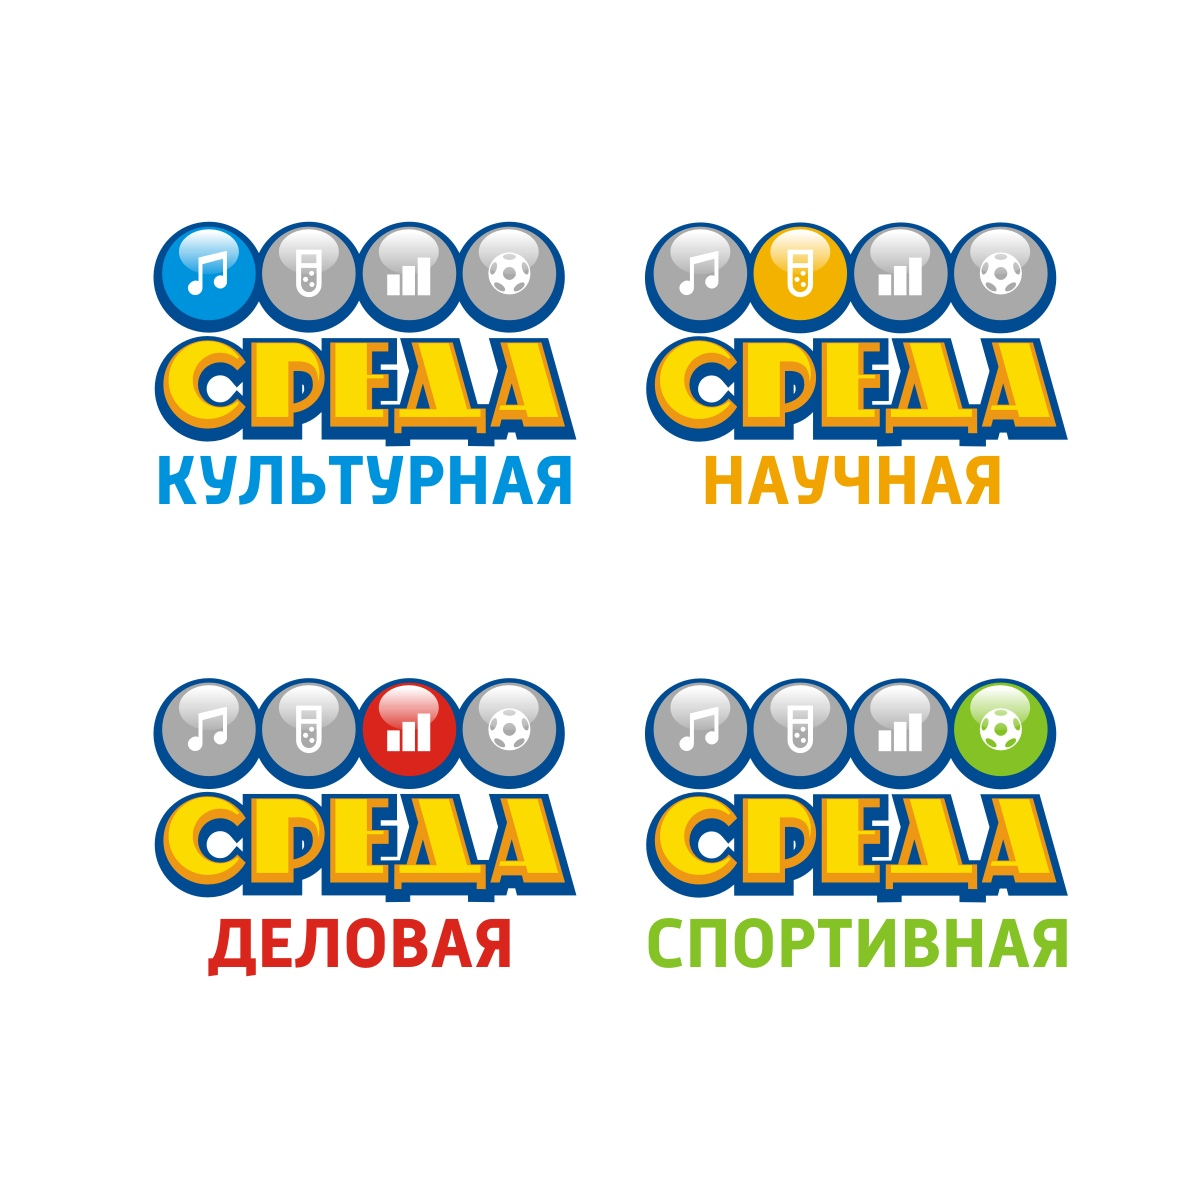 Разработка логотипа для творческого портала фото f_2345b5e3c1241ead.jpg